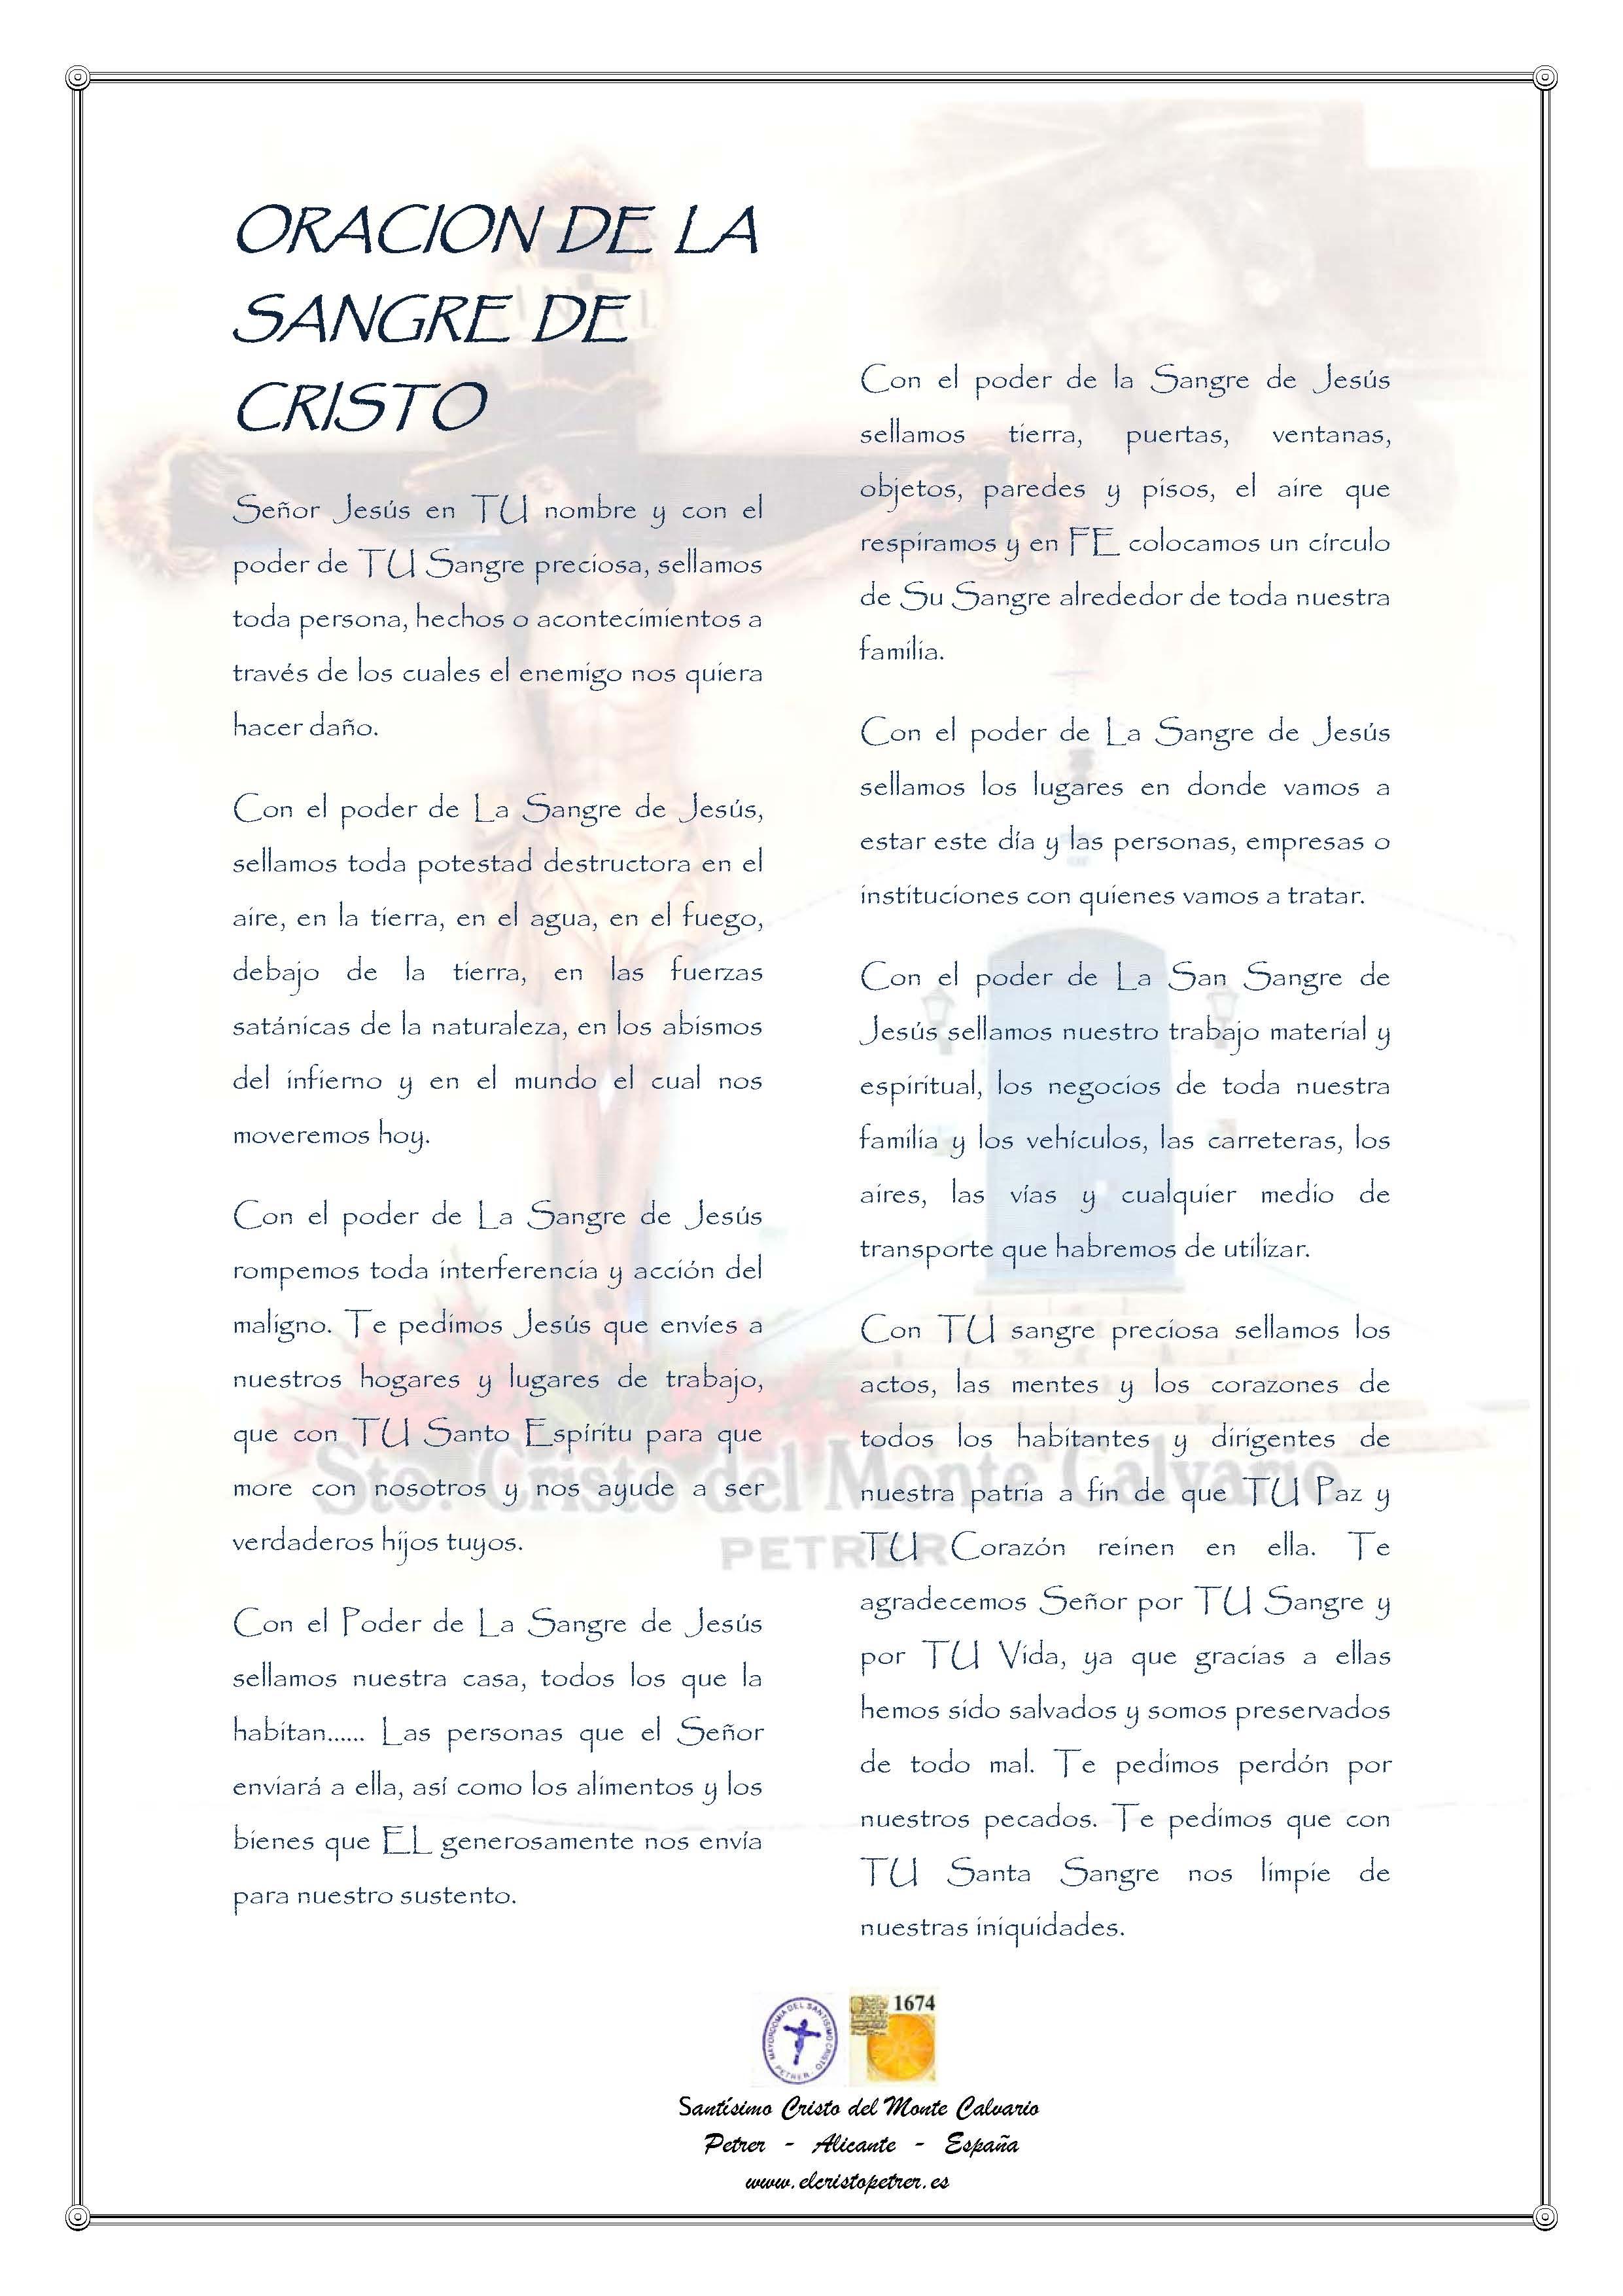 ElCristo - Oraciones - Anonimo - Revista xxxx - La Sangre de Cristo